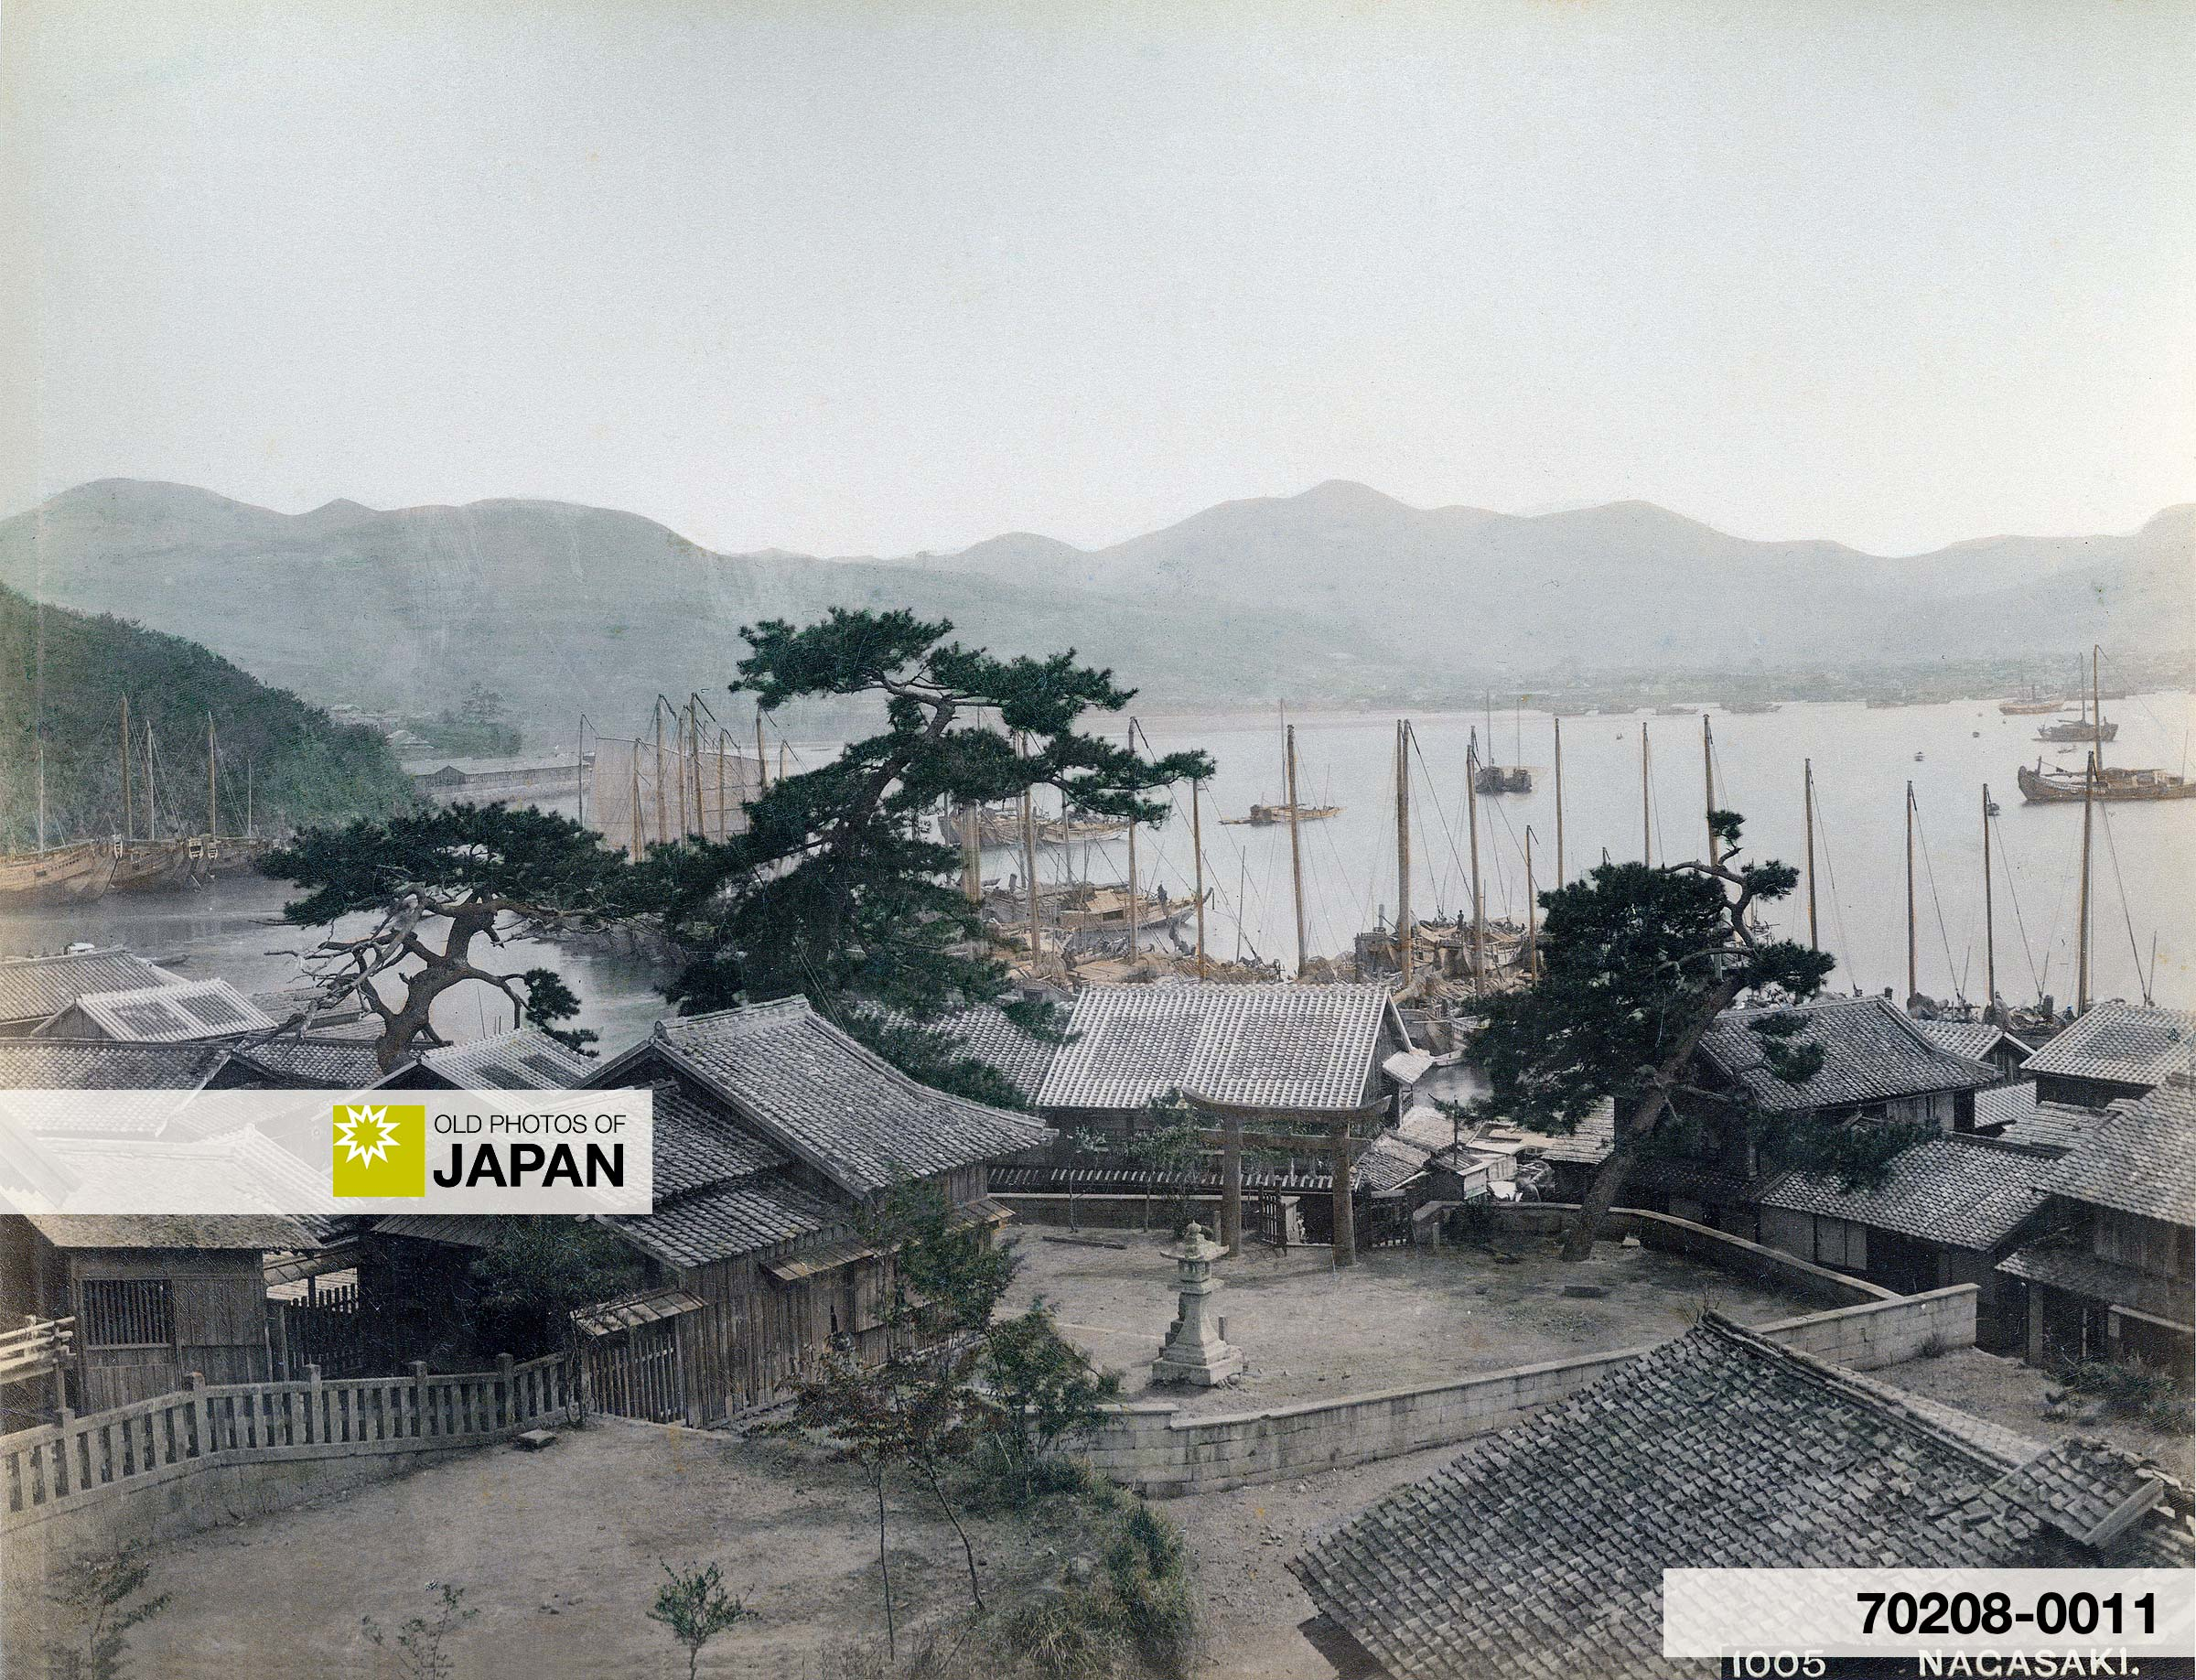 View on Harbor in Nagasaki